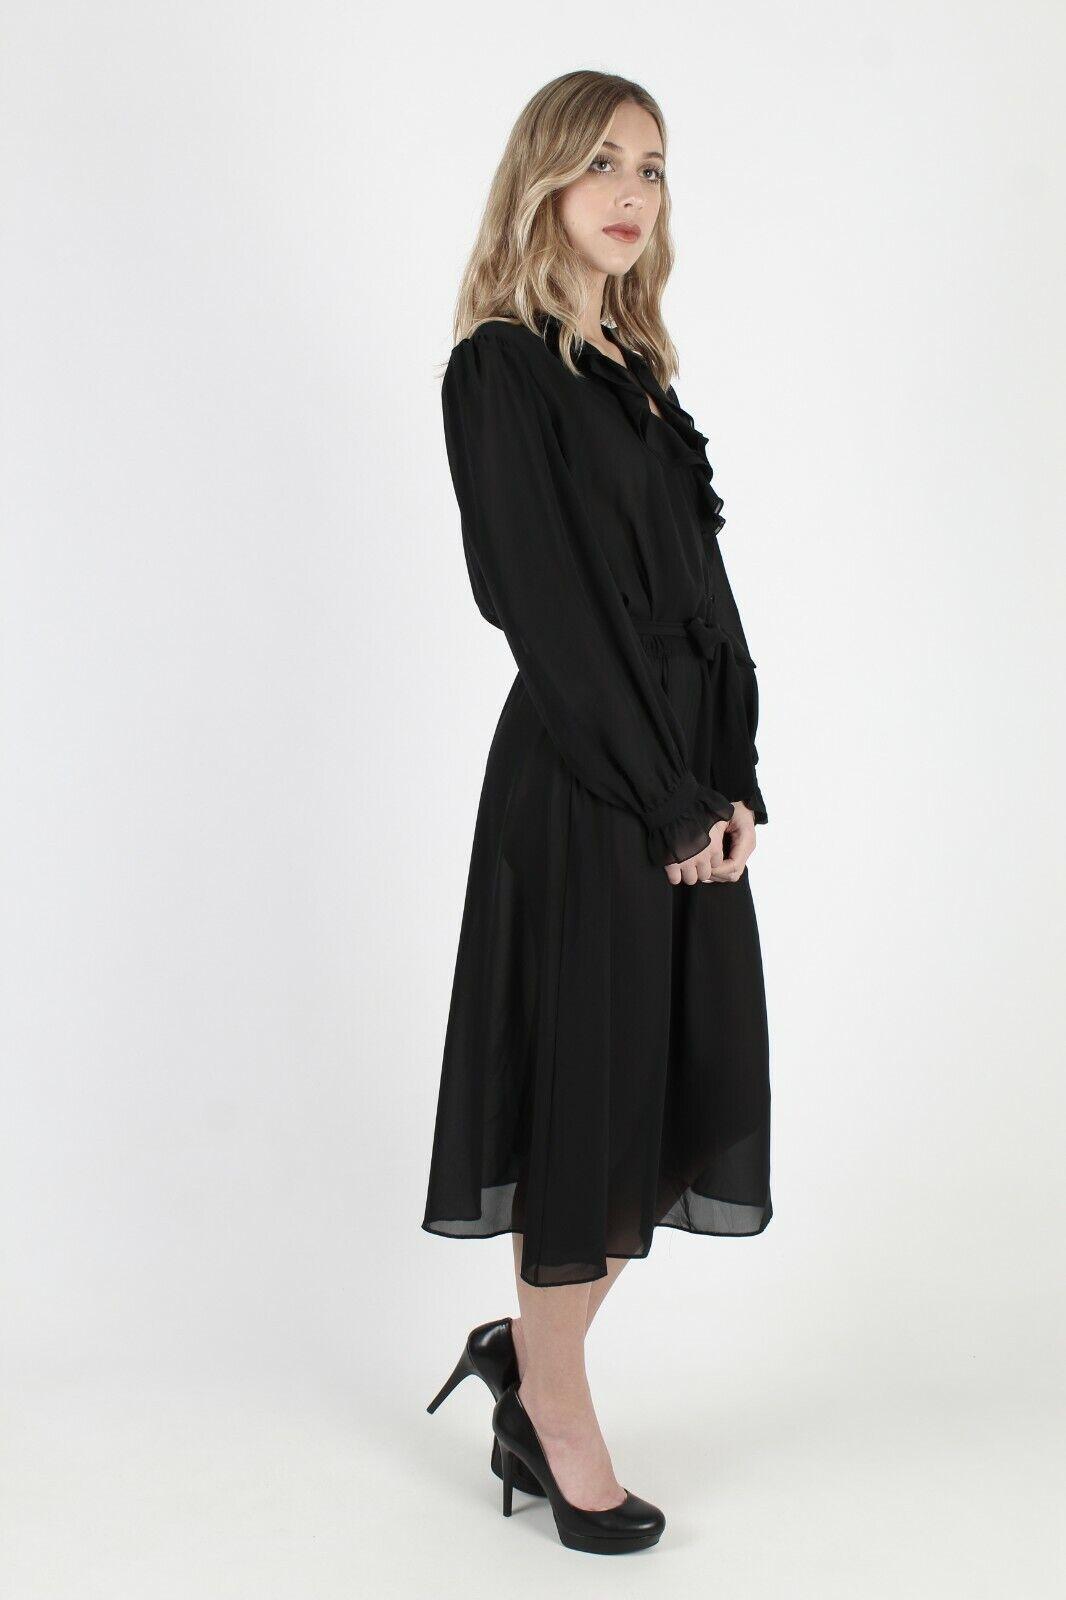 Vtg 80s Black Tuxedo Dress Sheer Ruffle Front Bel… - image 4